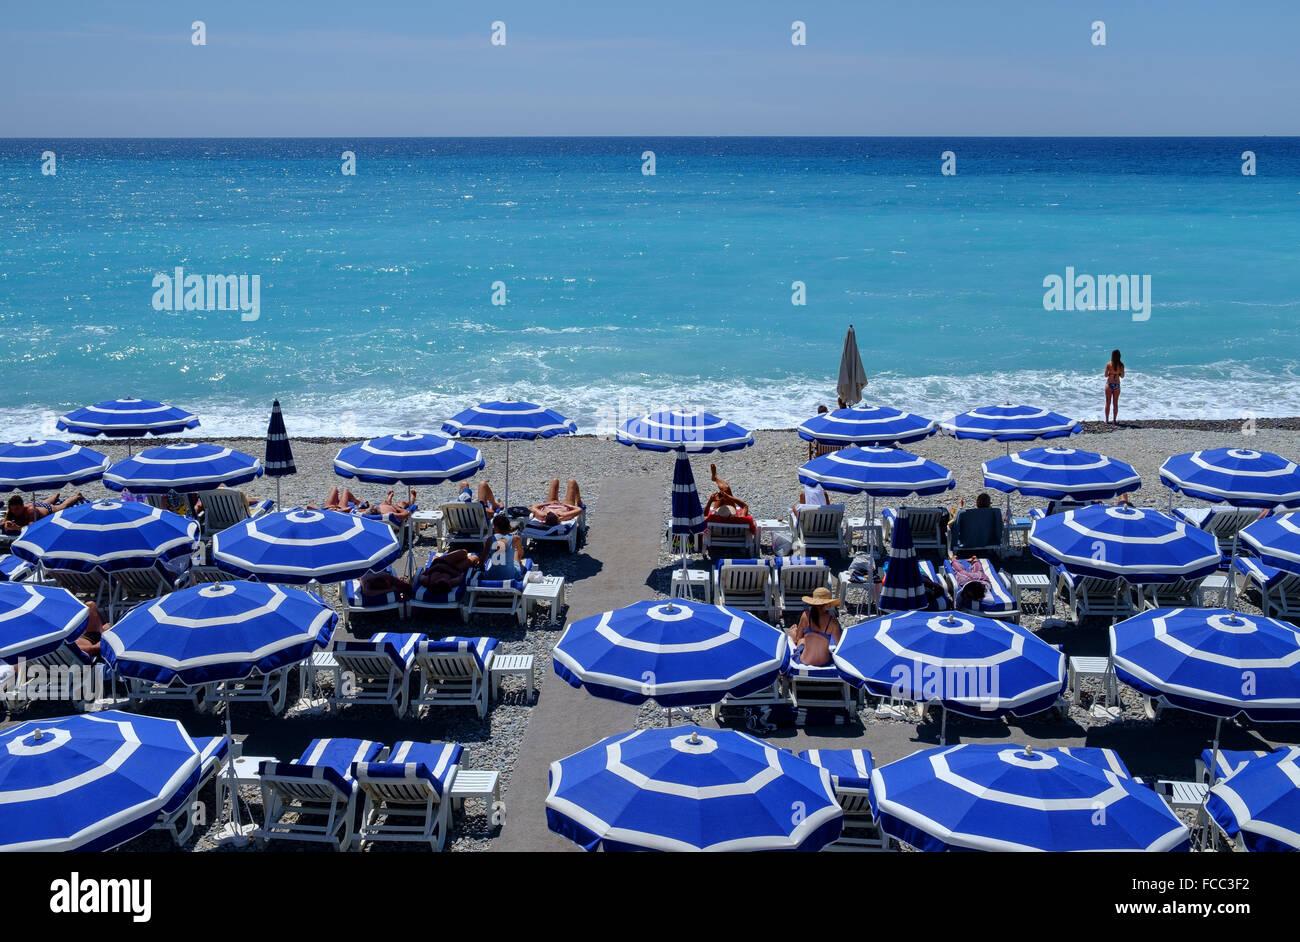 Sonnenanbeter Strand Sonnenschirme liegen Urlaub Frankreich Stockfoto